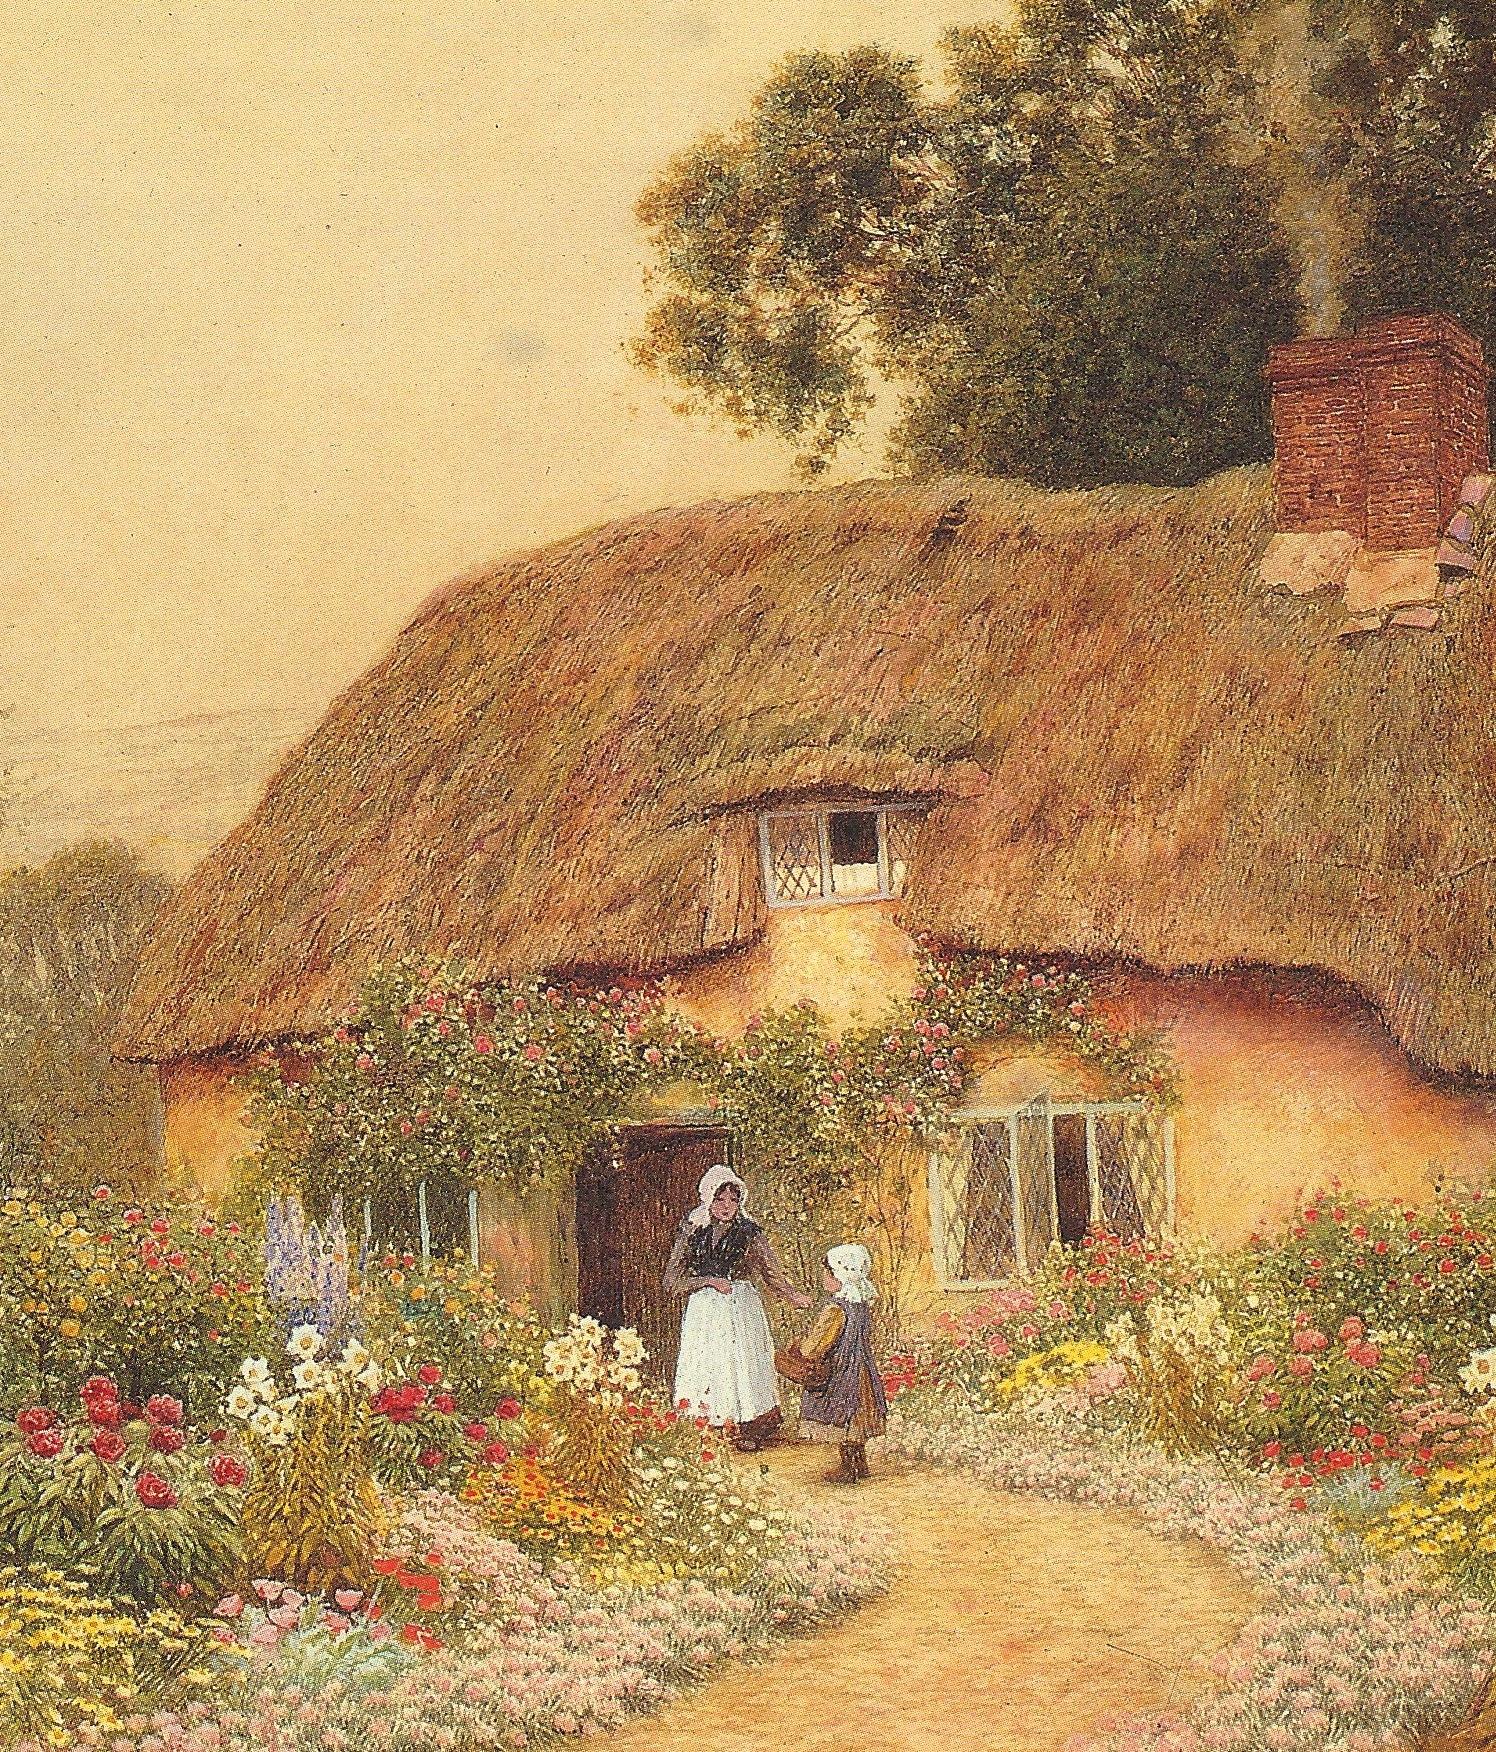 Peonies In The Cottage Garden A Devon By Claude Strachan 1865